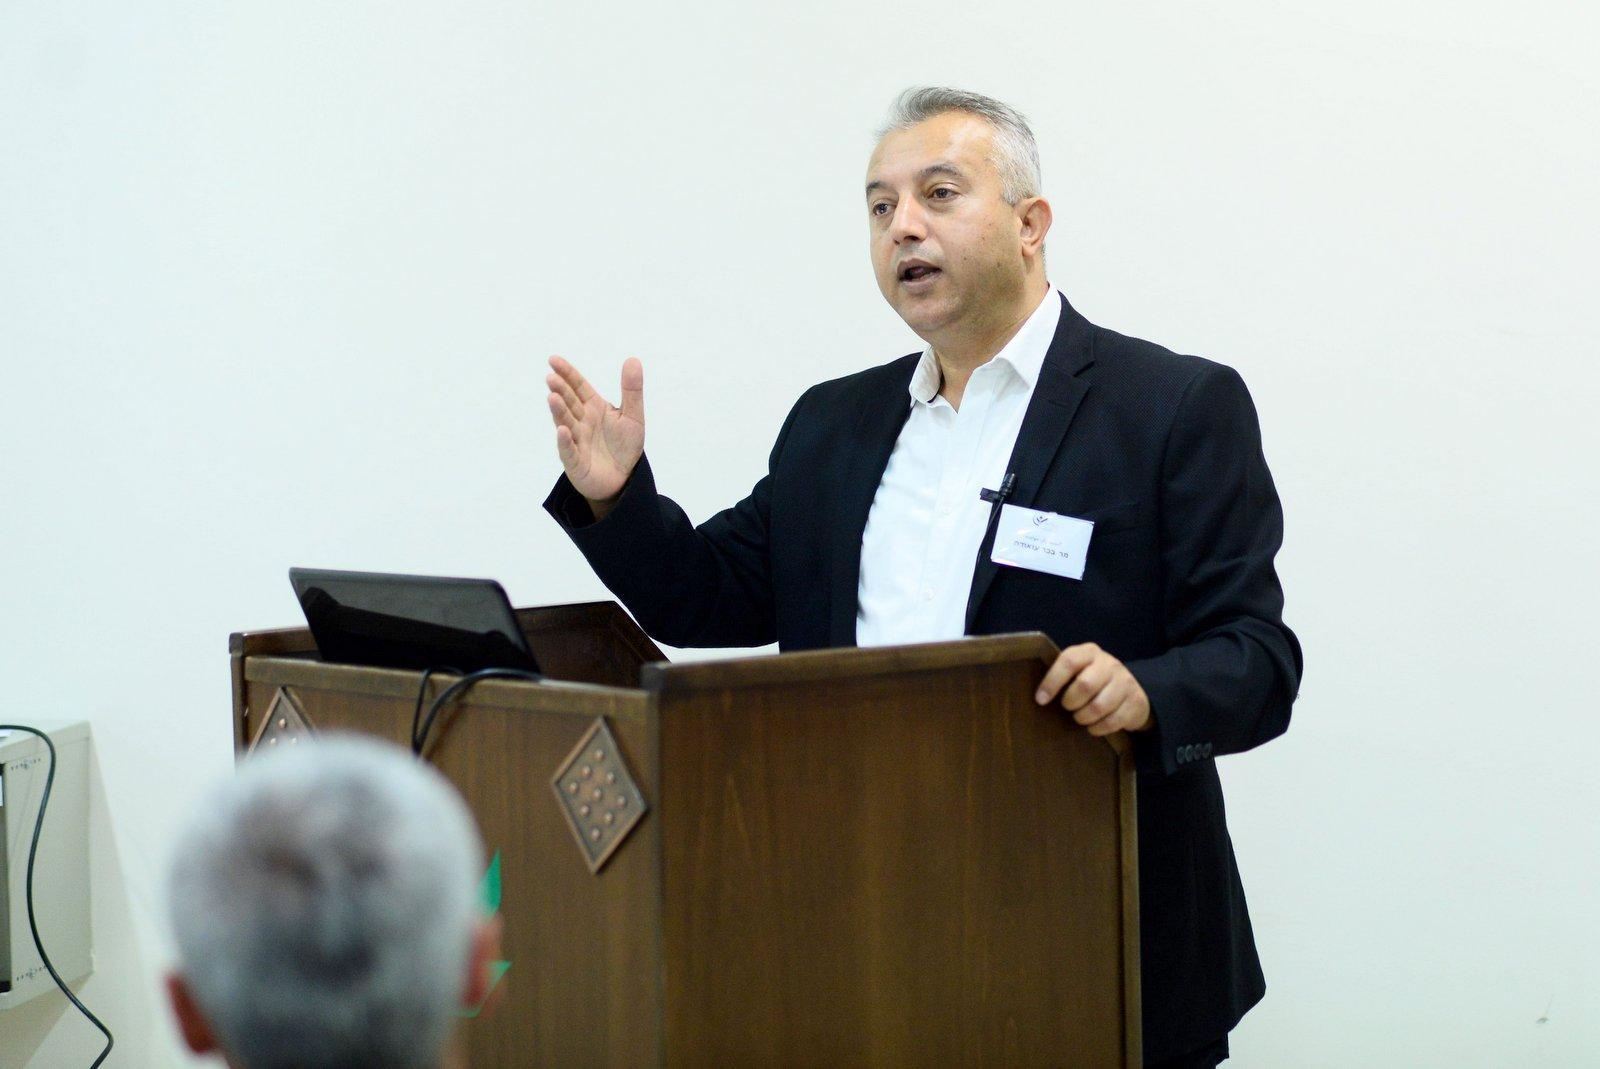 جمعية الجليل تنظم أكبر مؤتمر علمي تستعرض من خلاله أهم الابحاث الطلائعية